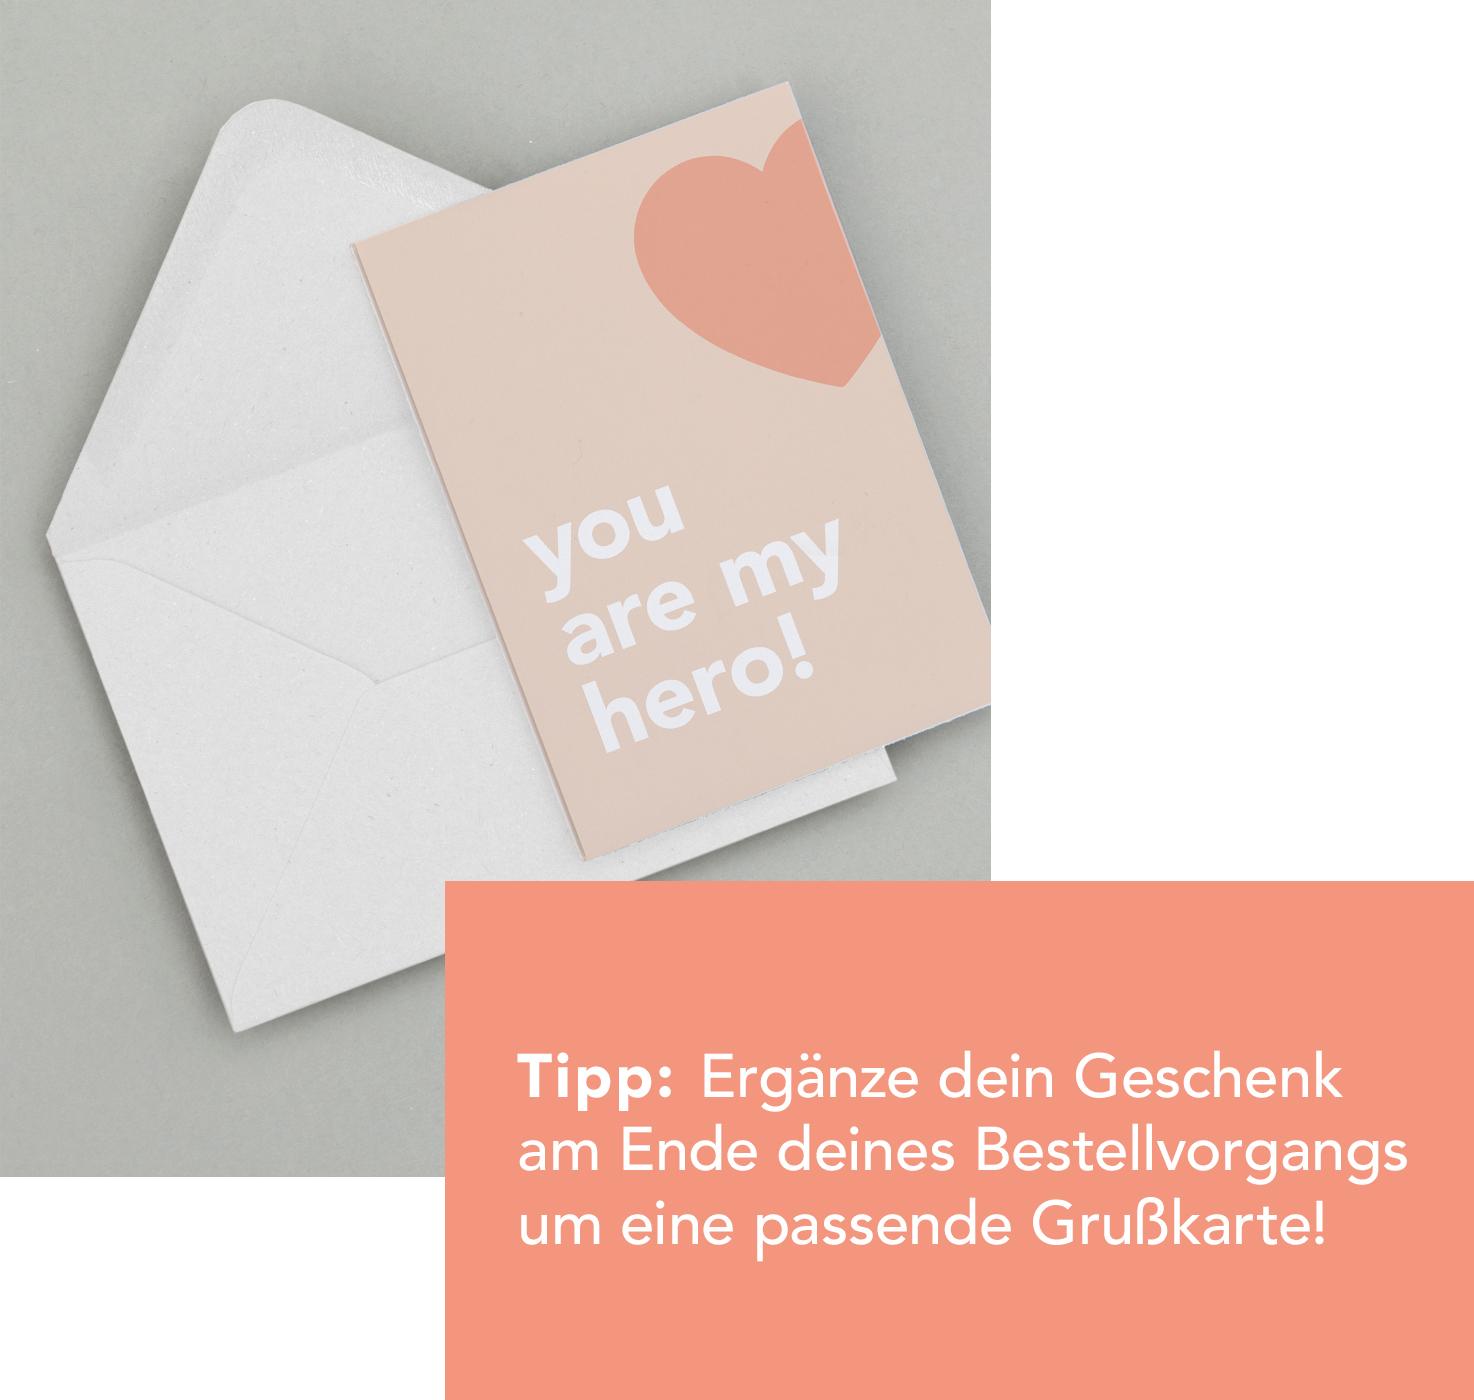 HeroGeschenkbox_Artikeltext_Mood